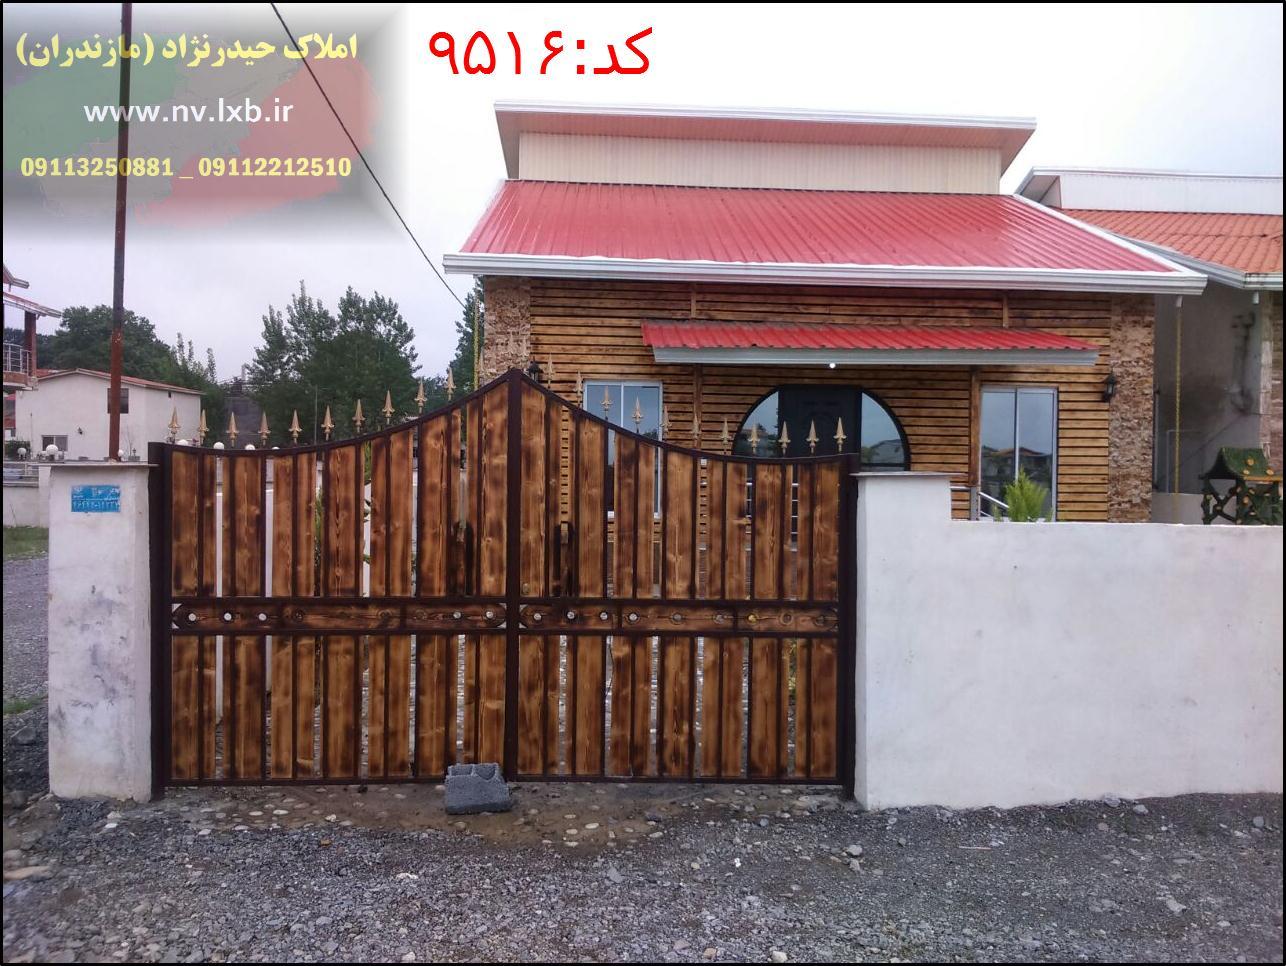 کانال تلگرام فروش ویلا شمال